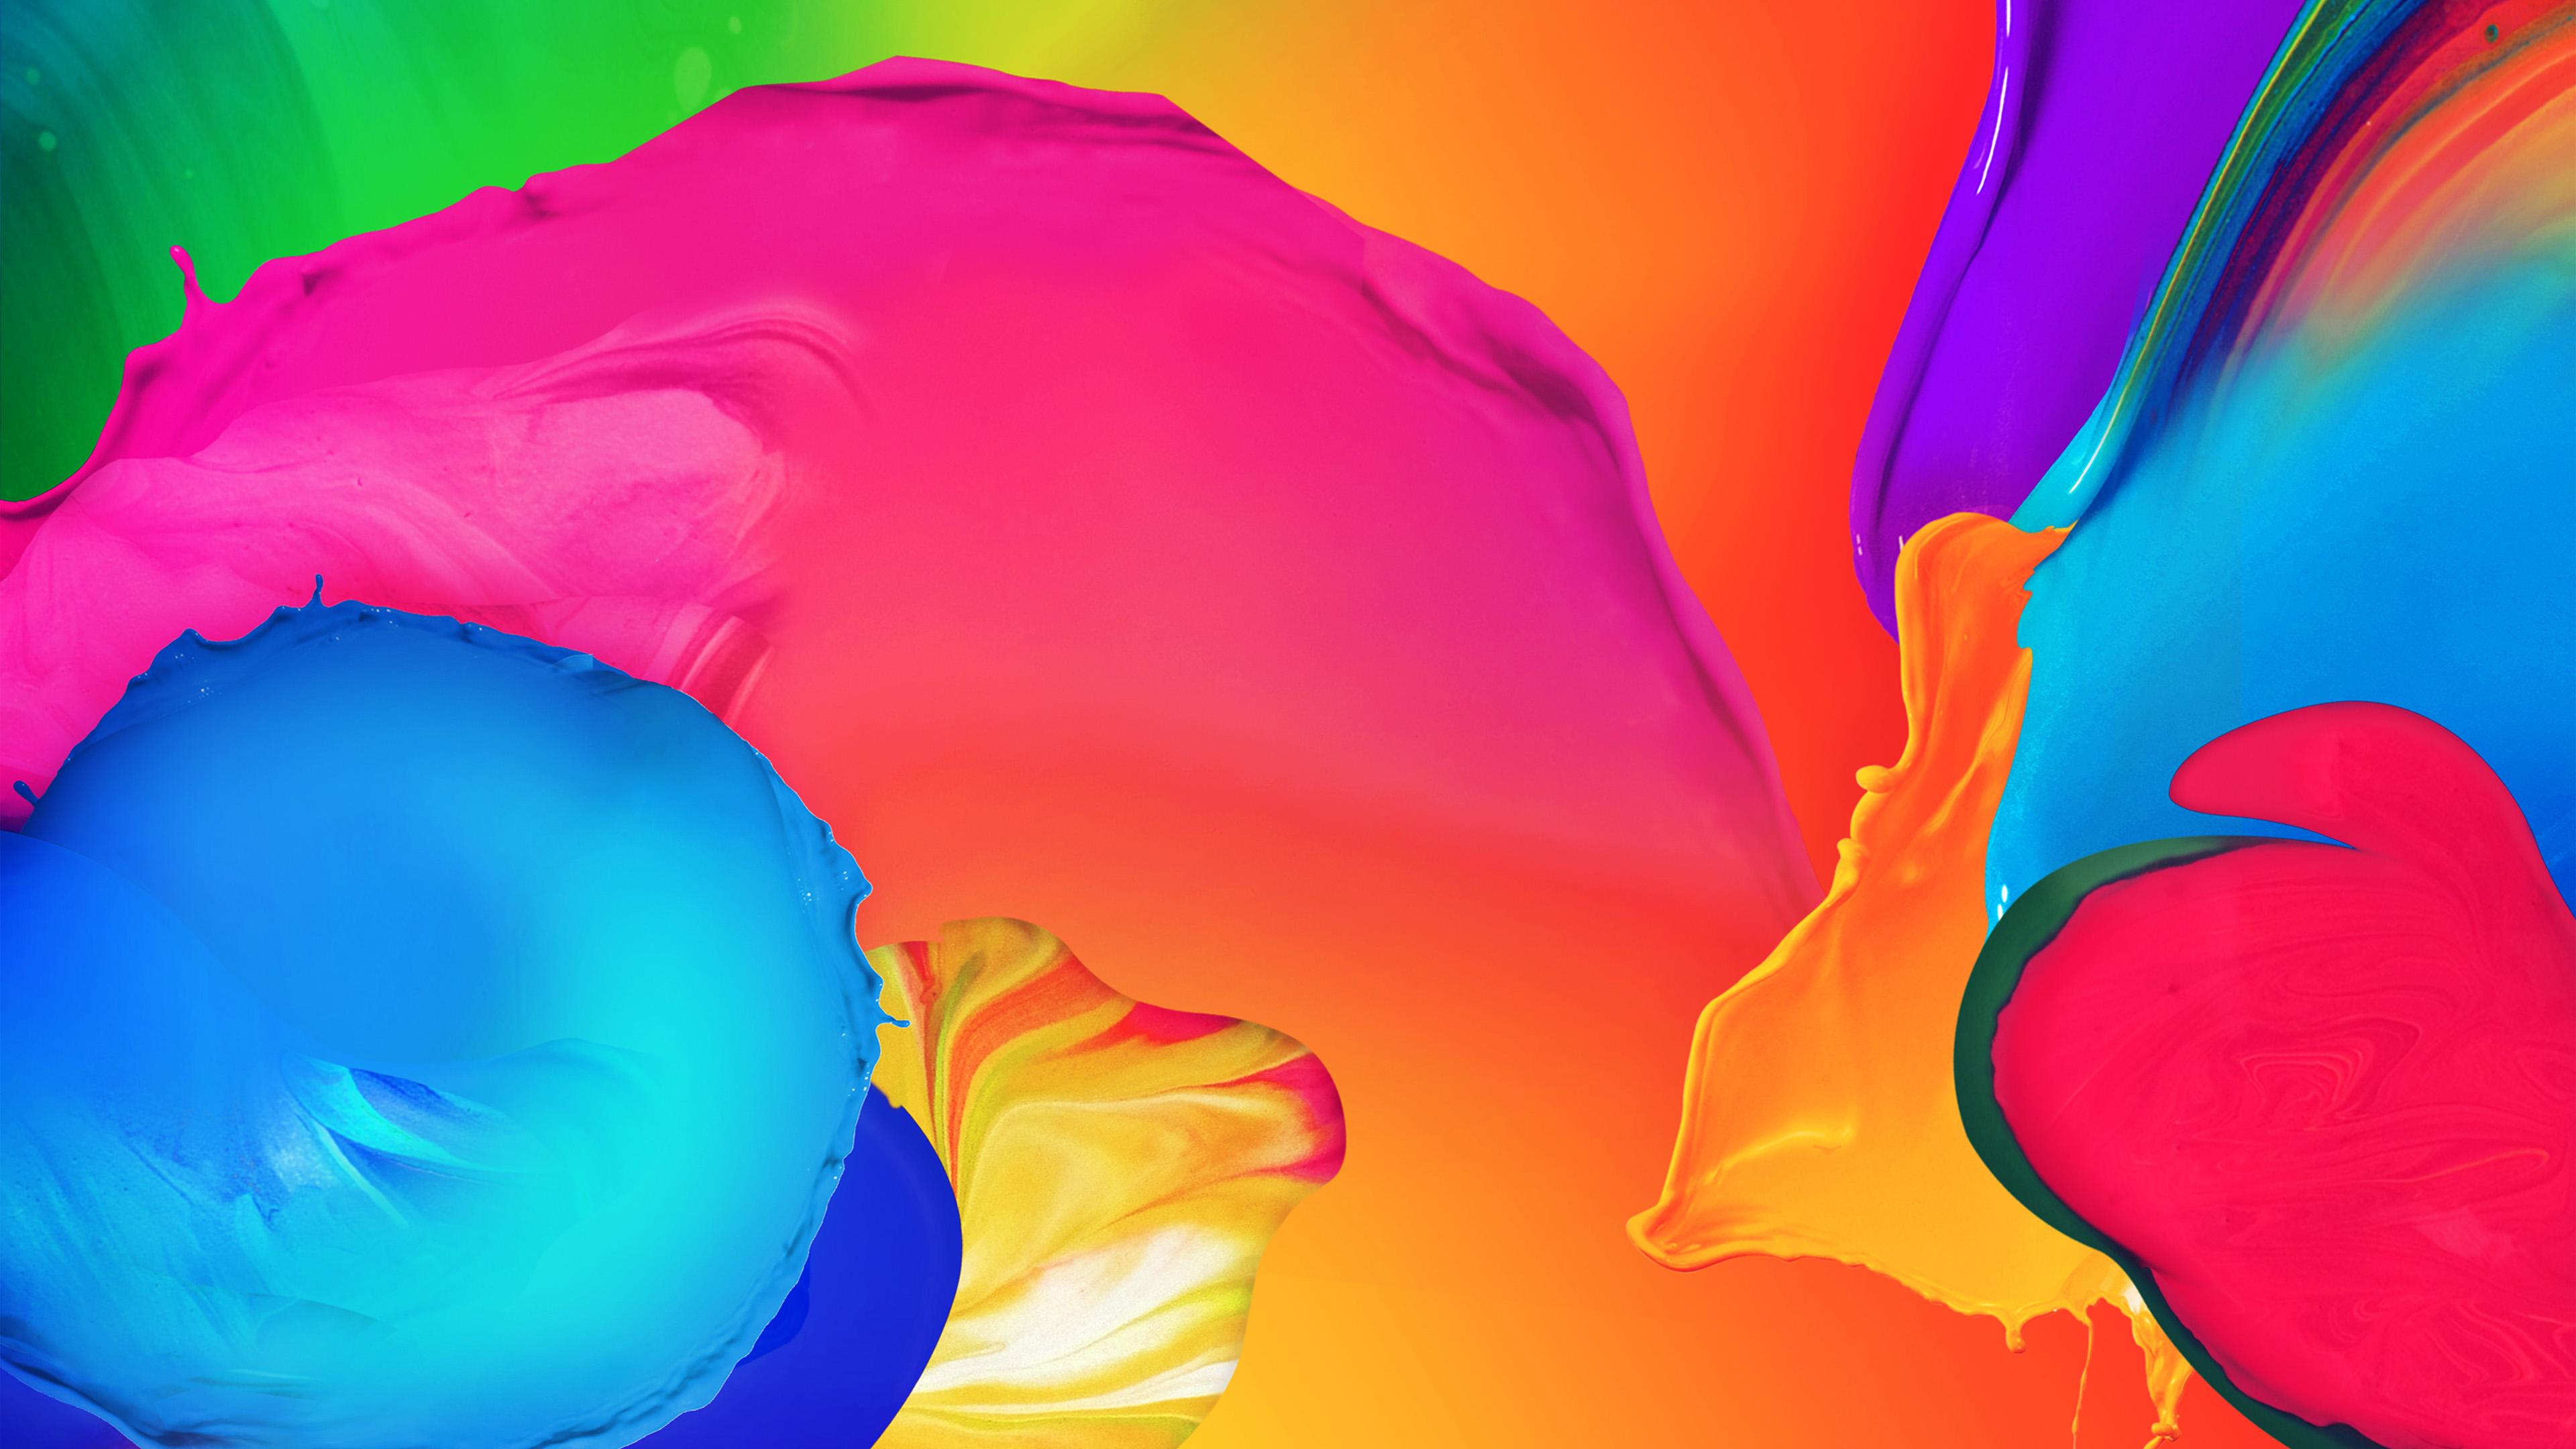 Wallpaper For Desktop Laptop Vn06 Rainbow Color Paint